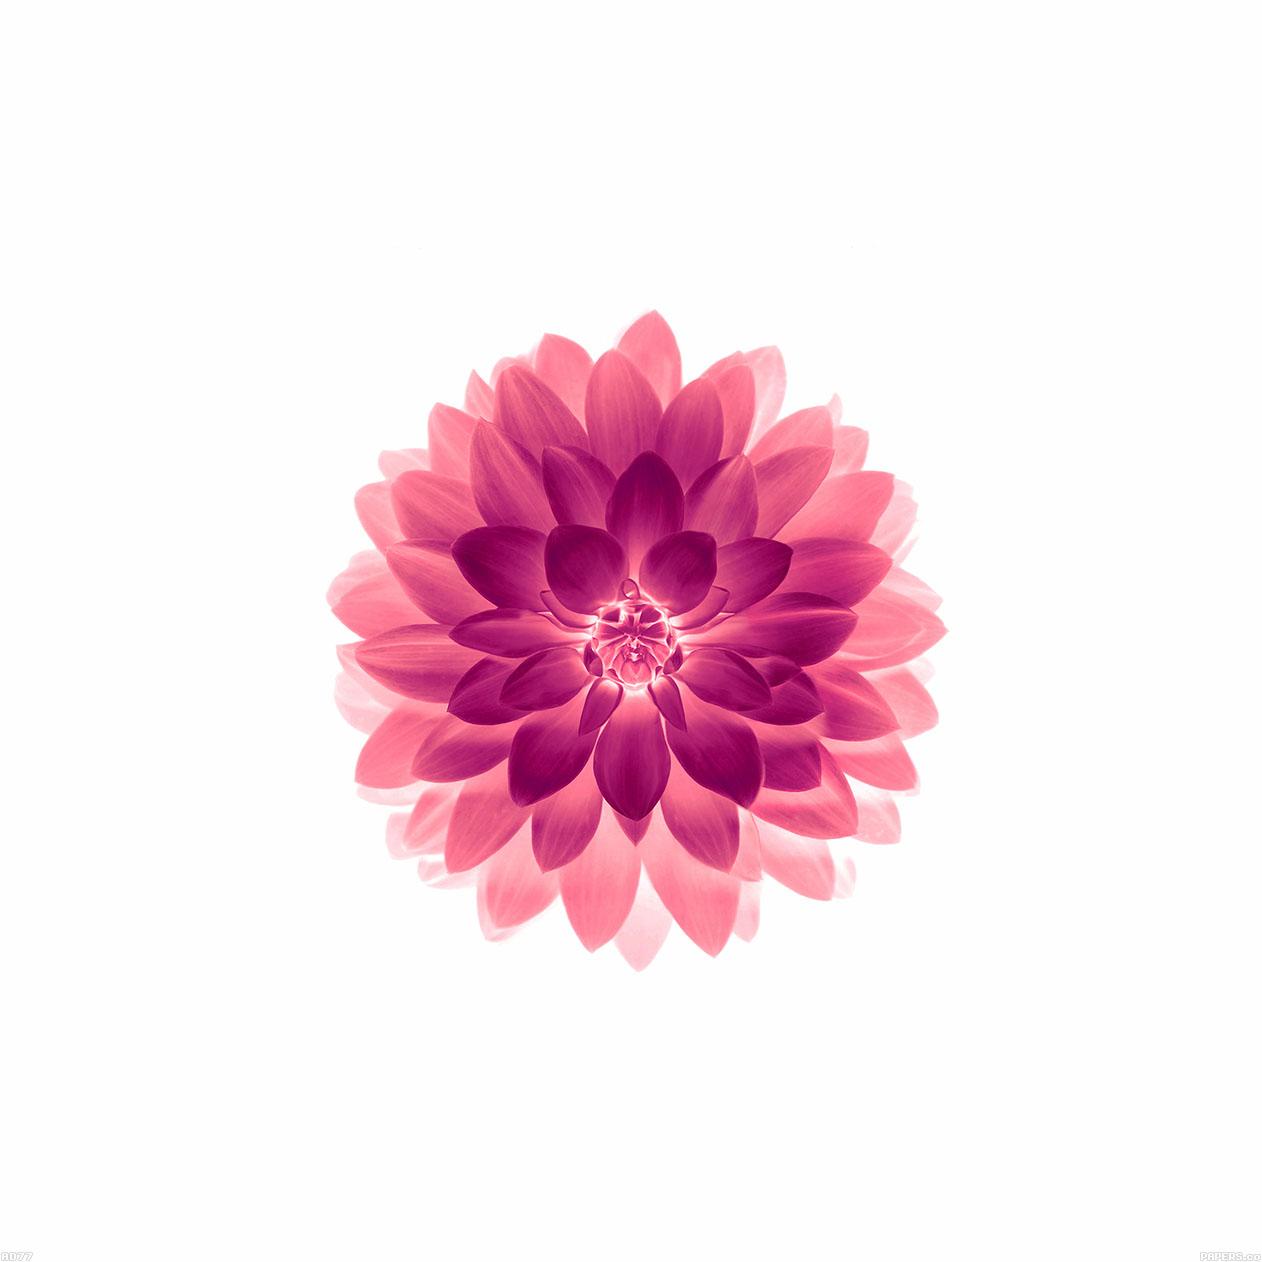 FREEIOS7 | ad77-apple-red-on-white-lotus-iphone6-plus-ios8